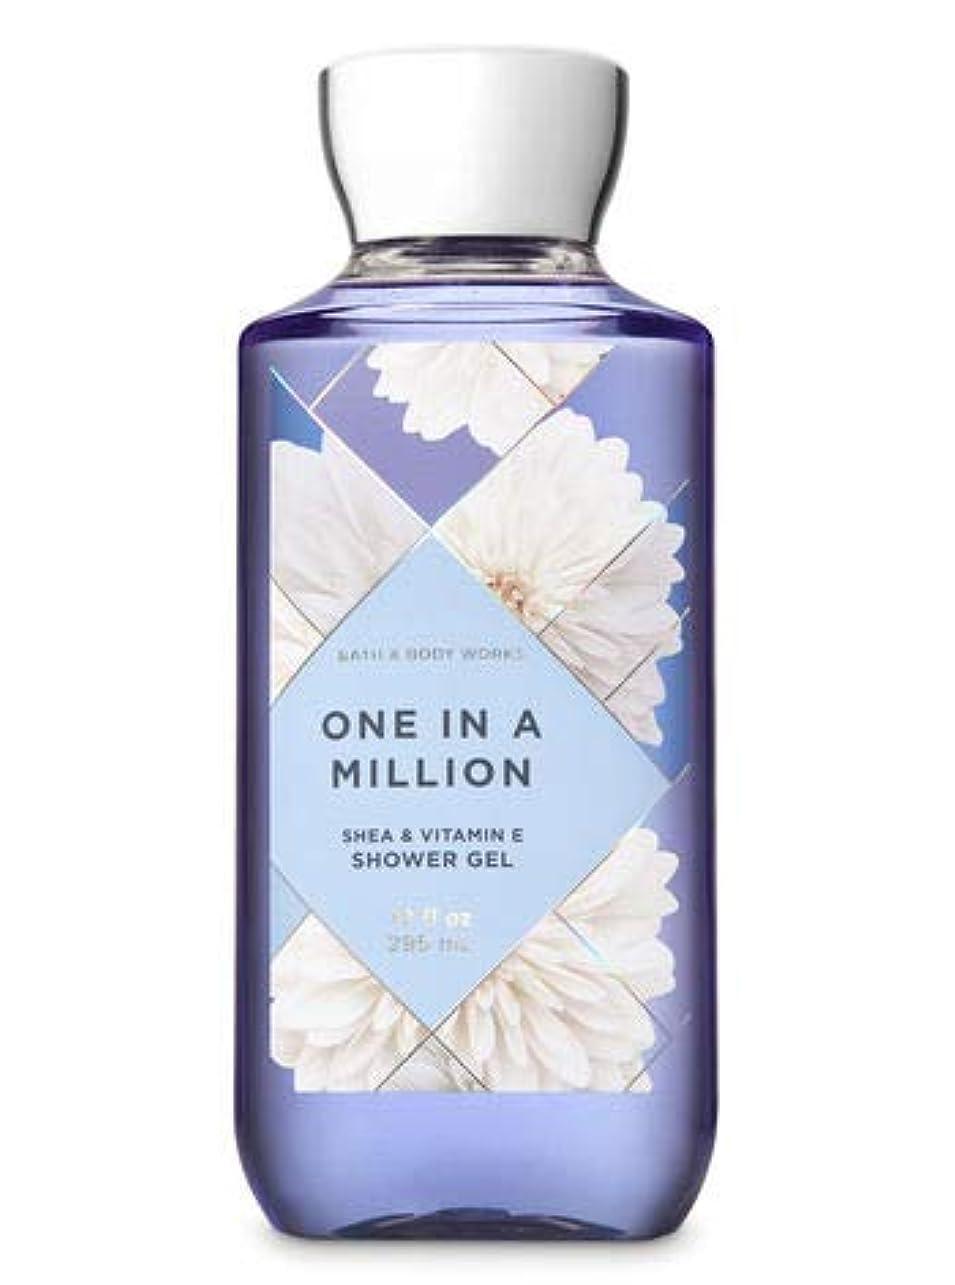 センターセンチメンタルシャーロックホームズ【Bath&Body Works/バス&ボディワークス】 シャワージェル ワンインアミリオン Shower Gel One in a Million 10 fl oz / 295 mL [並行輸入品]